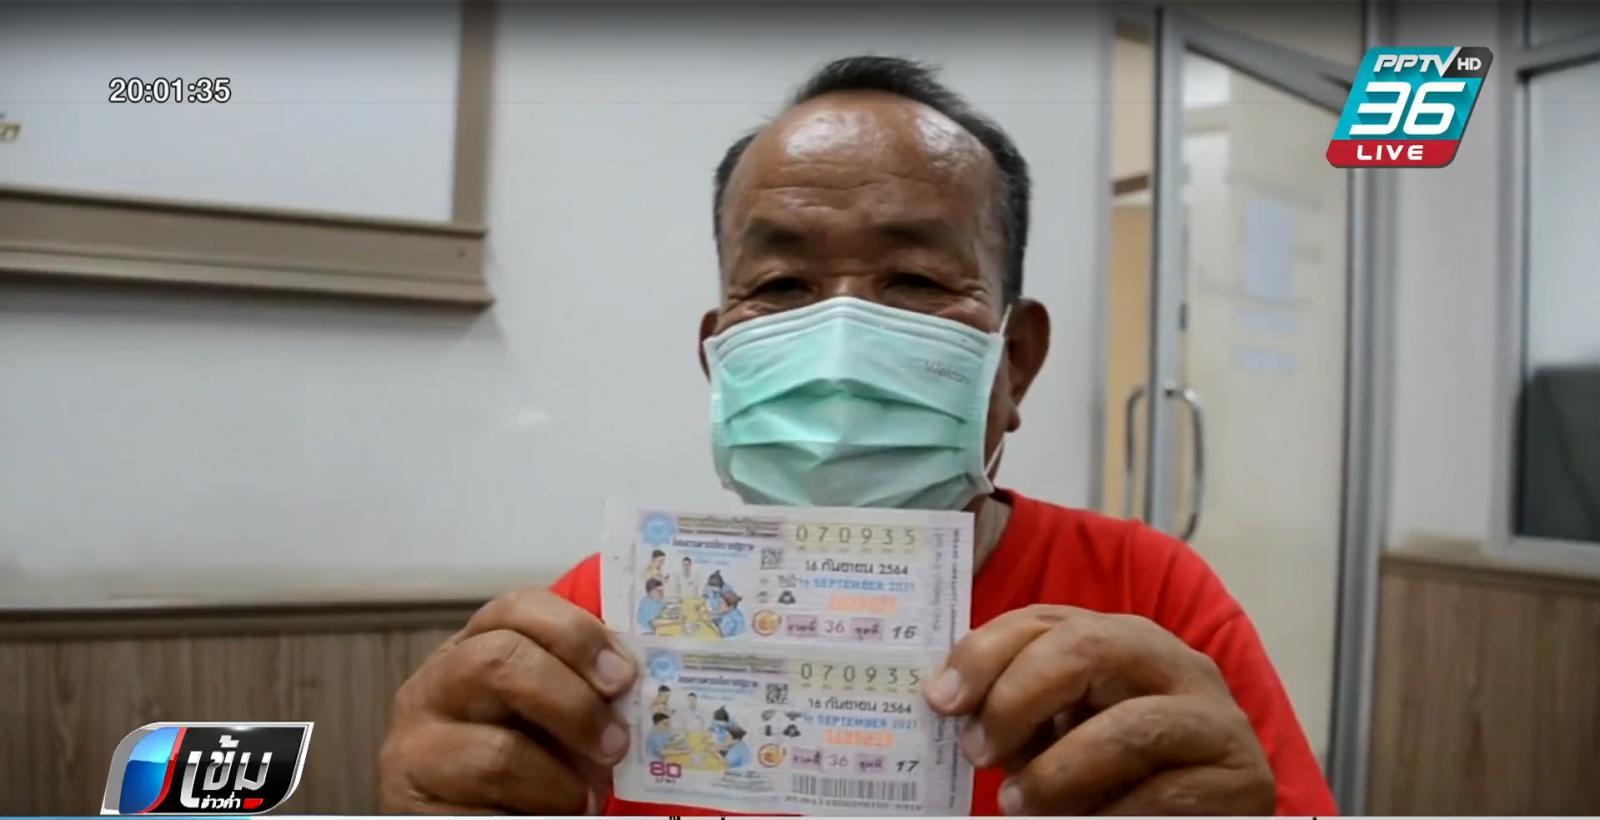 ลุงวัย 70 ดวงเฮง ถูกหวยรางวัลที่ 1 รับ 12 ล้านบาท เผยชอบเสี่ยงโชค